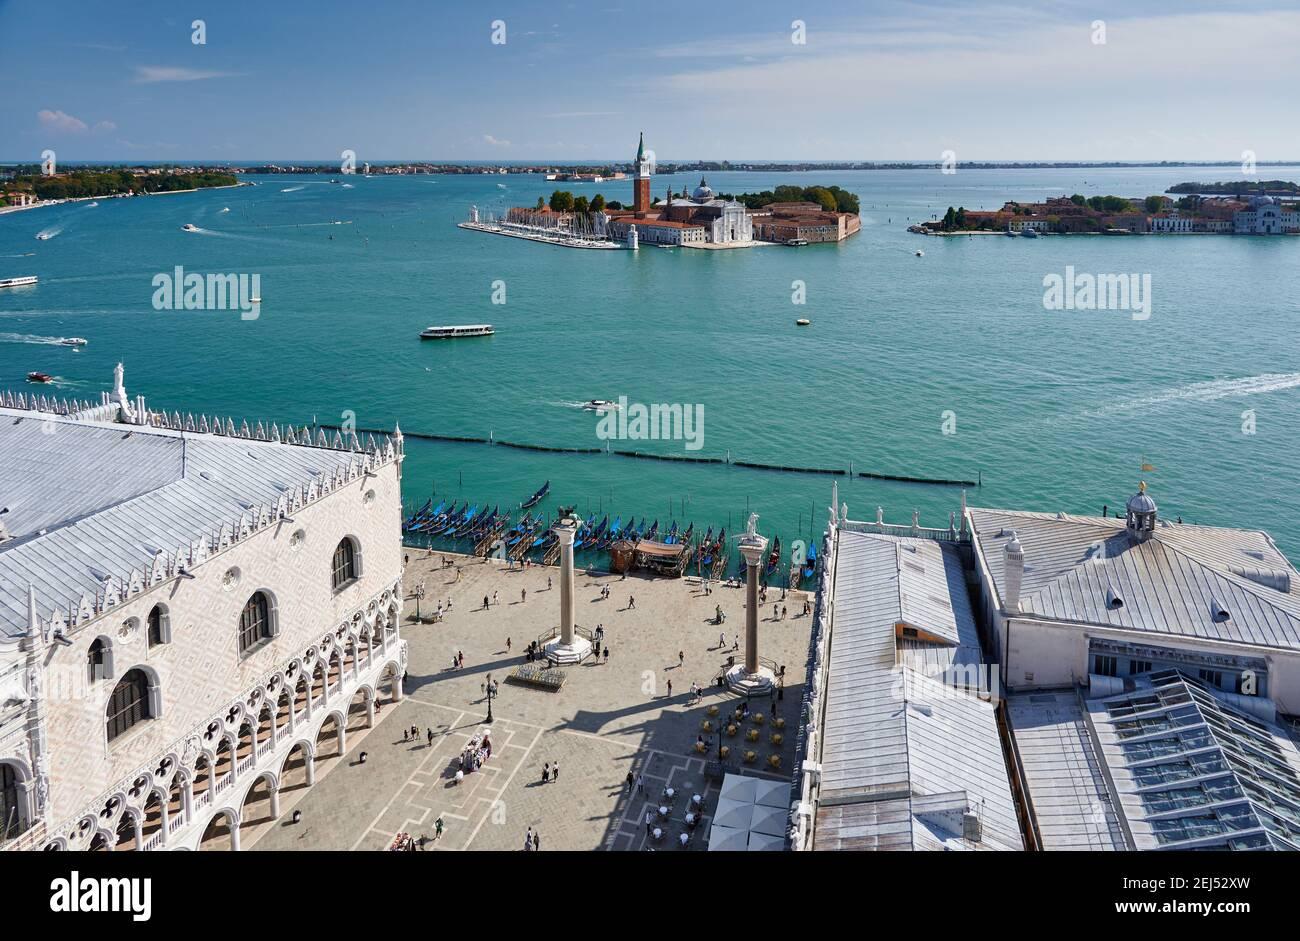 Luftaufnahmen vom Markusturm auf San Giorgio Maggiore und die Lagune von Venedig, Venetien, Italien Stockfoto